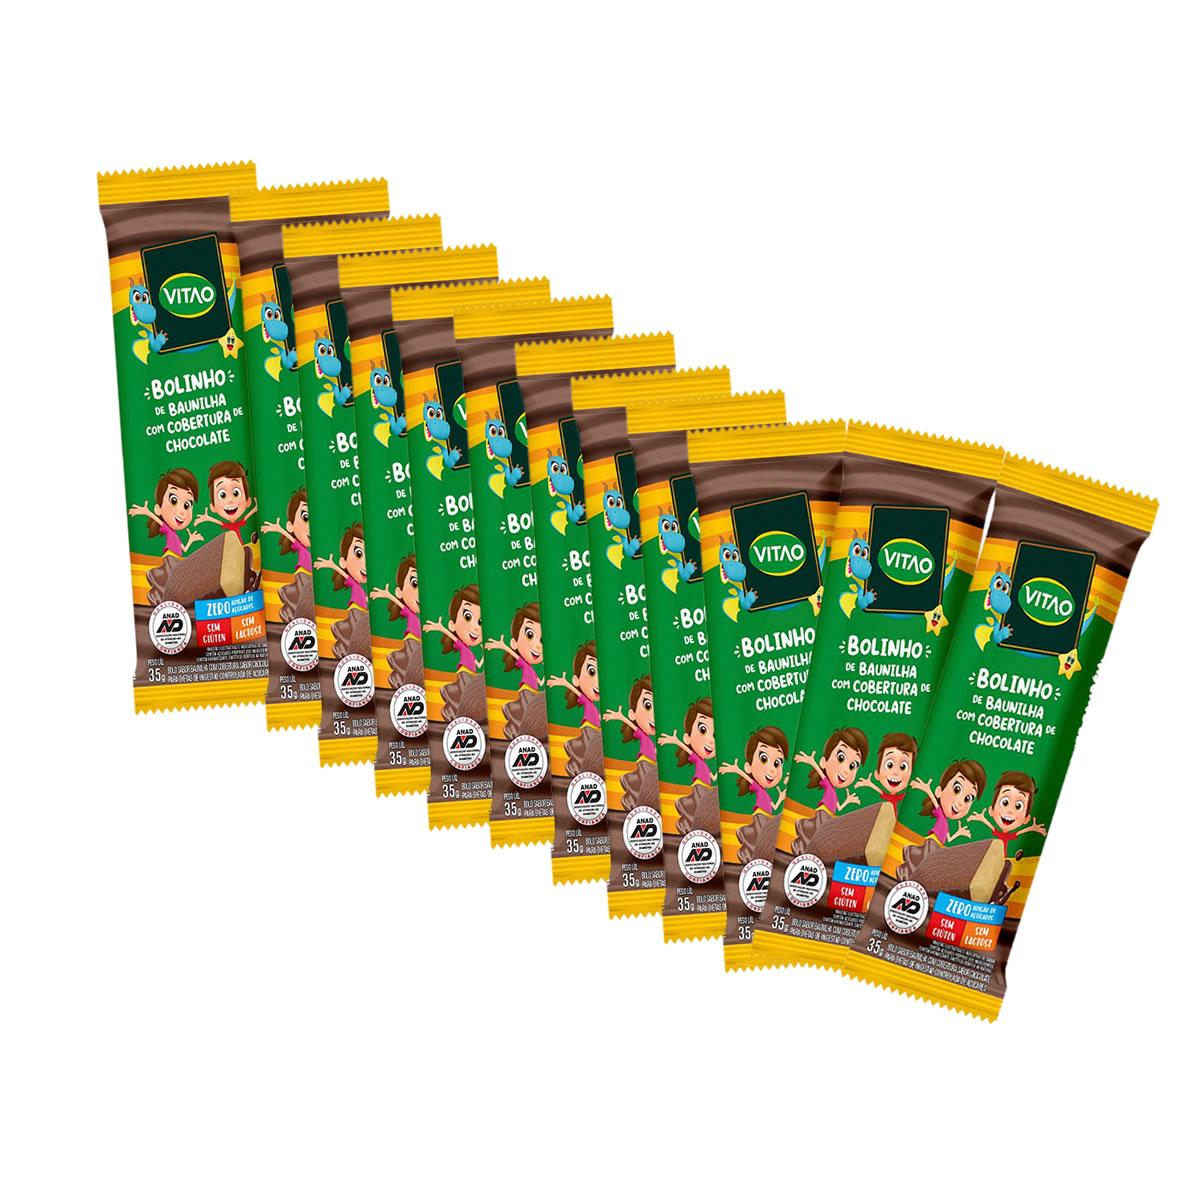 Bolinho de Baunilha com Cobertura de Chocolate Sem Glúten Display com 12 un de 35g  Kids  - Vitao